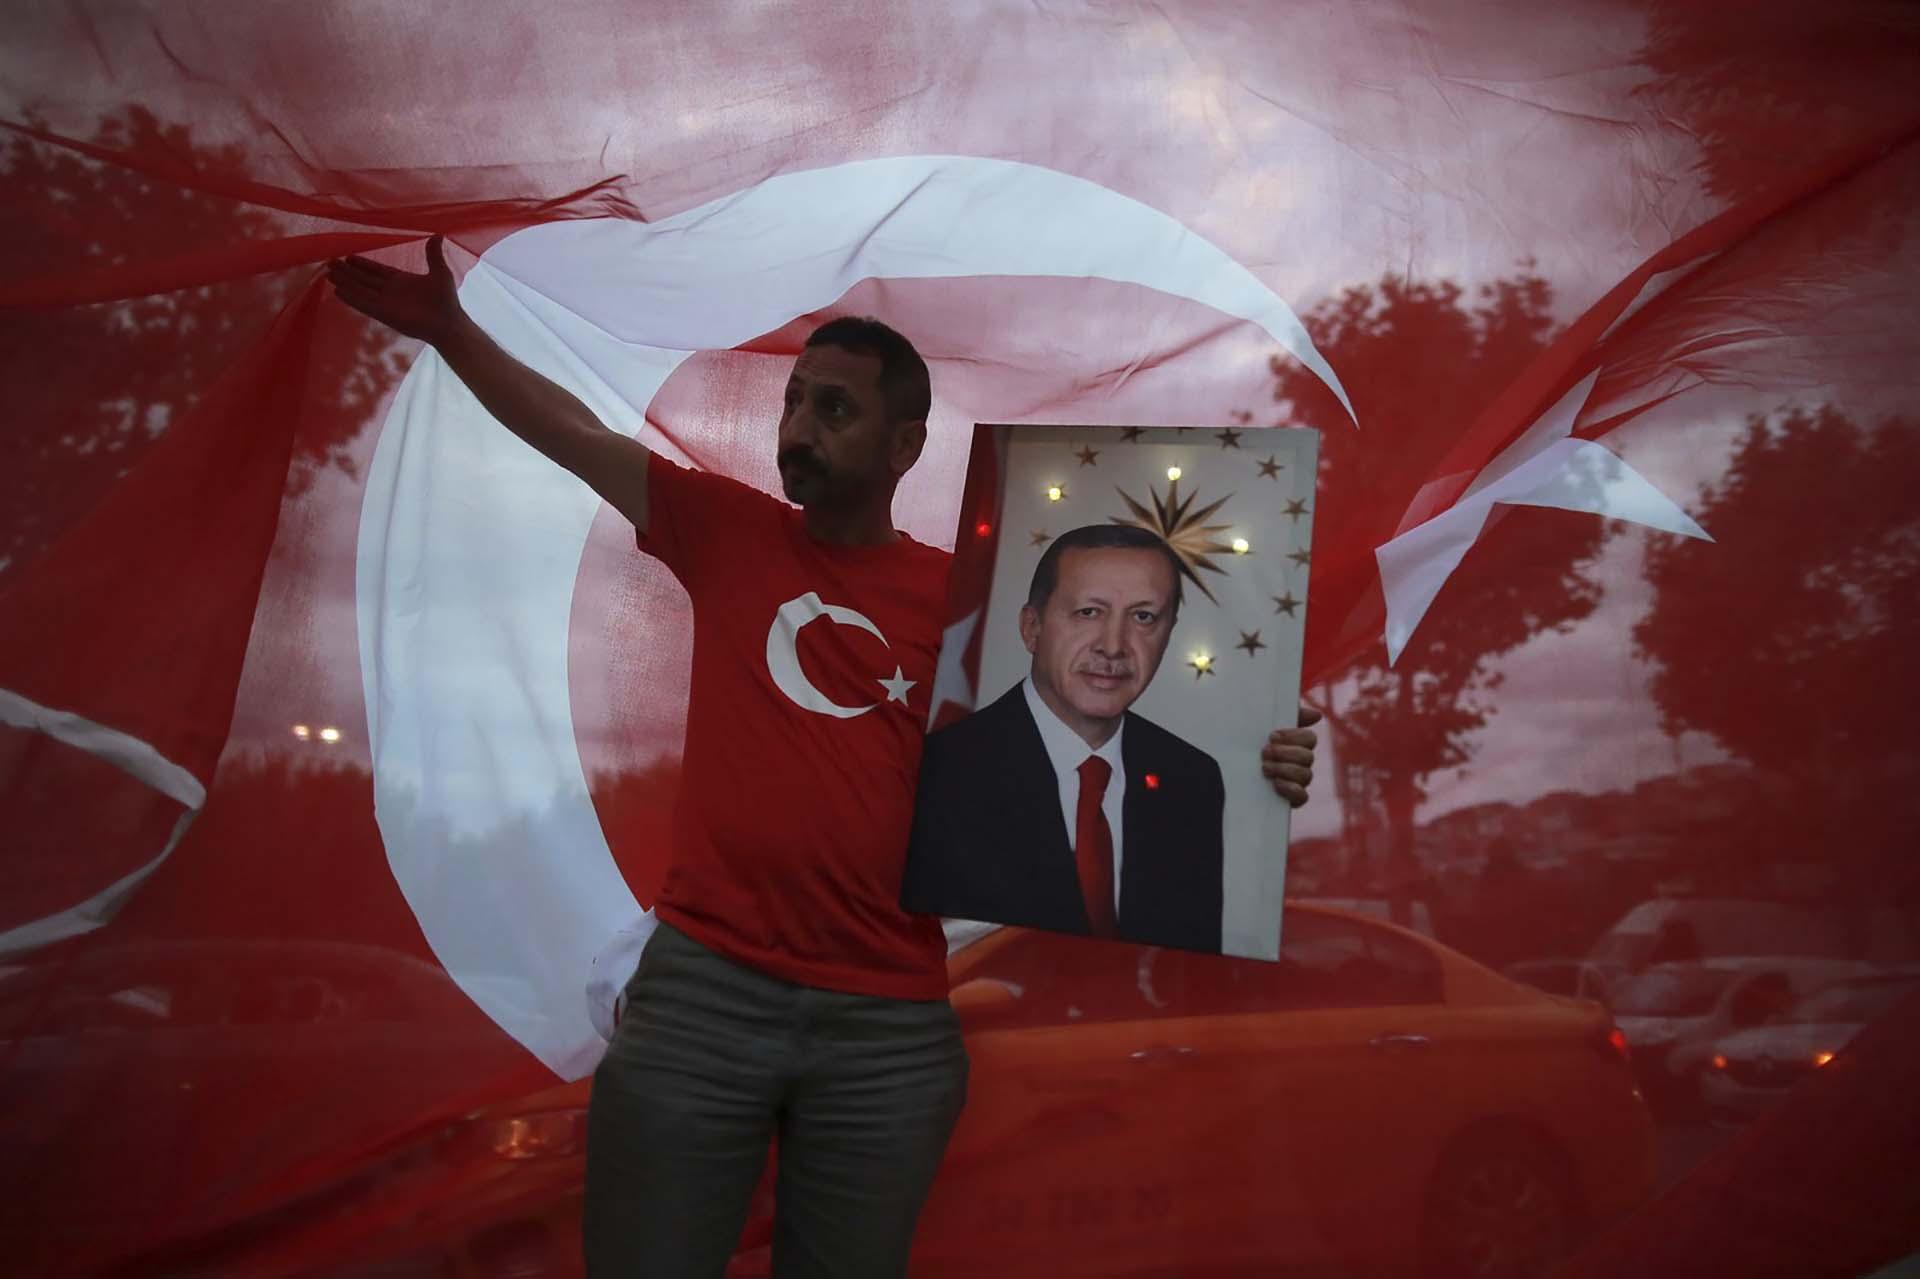 Seguidores del presidente Recep Tayyip Erdogan festejan su victoria en las elecciones generales presidenciales del 24 de junio en Turquía